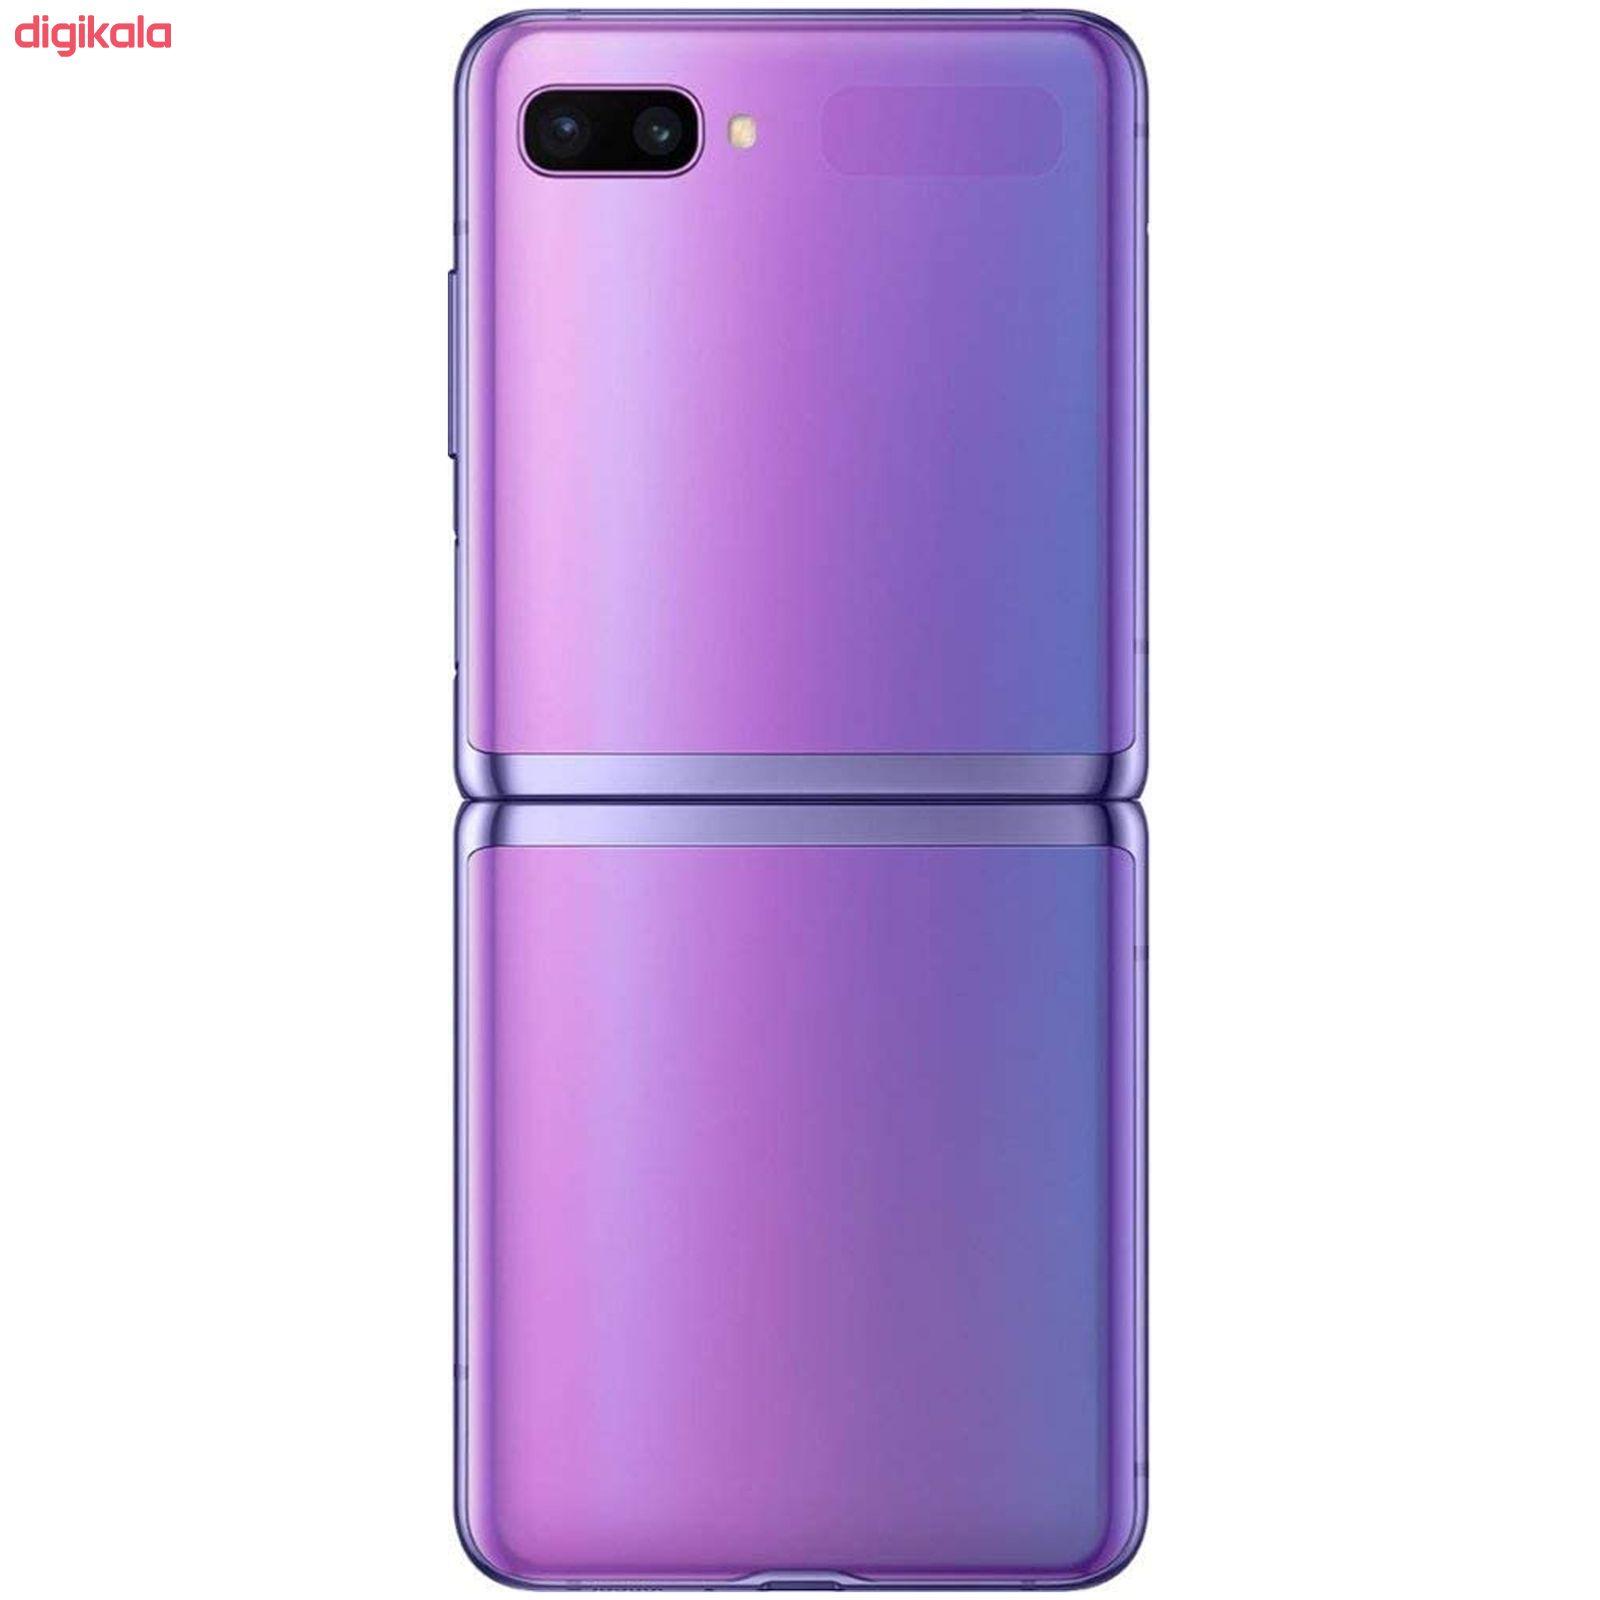 گوشی موبایل سامسونگ مدل Galaxy Z Flip SM-F700F/DS تک سیم کارت ظرفیت 256 گیگابایت main 1 3